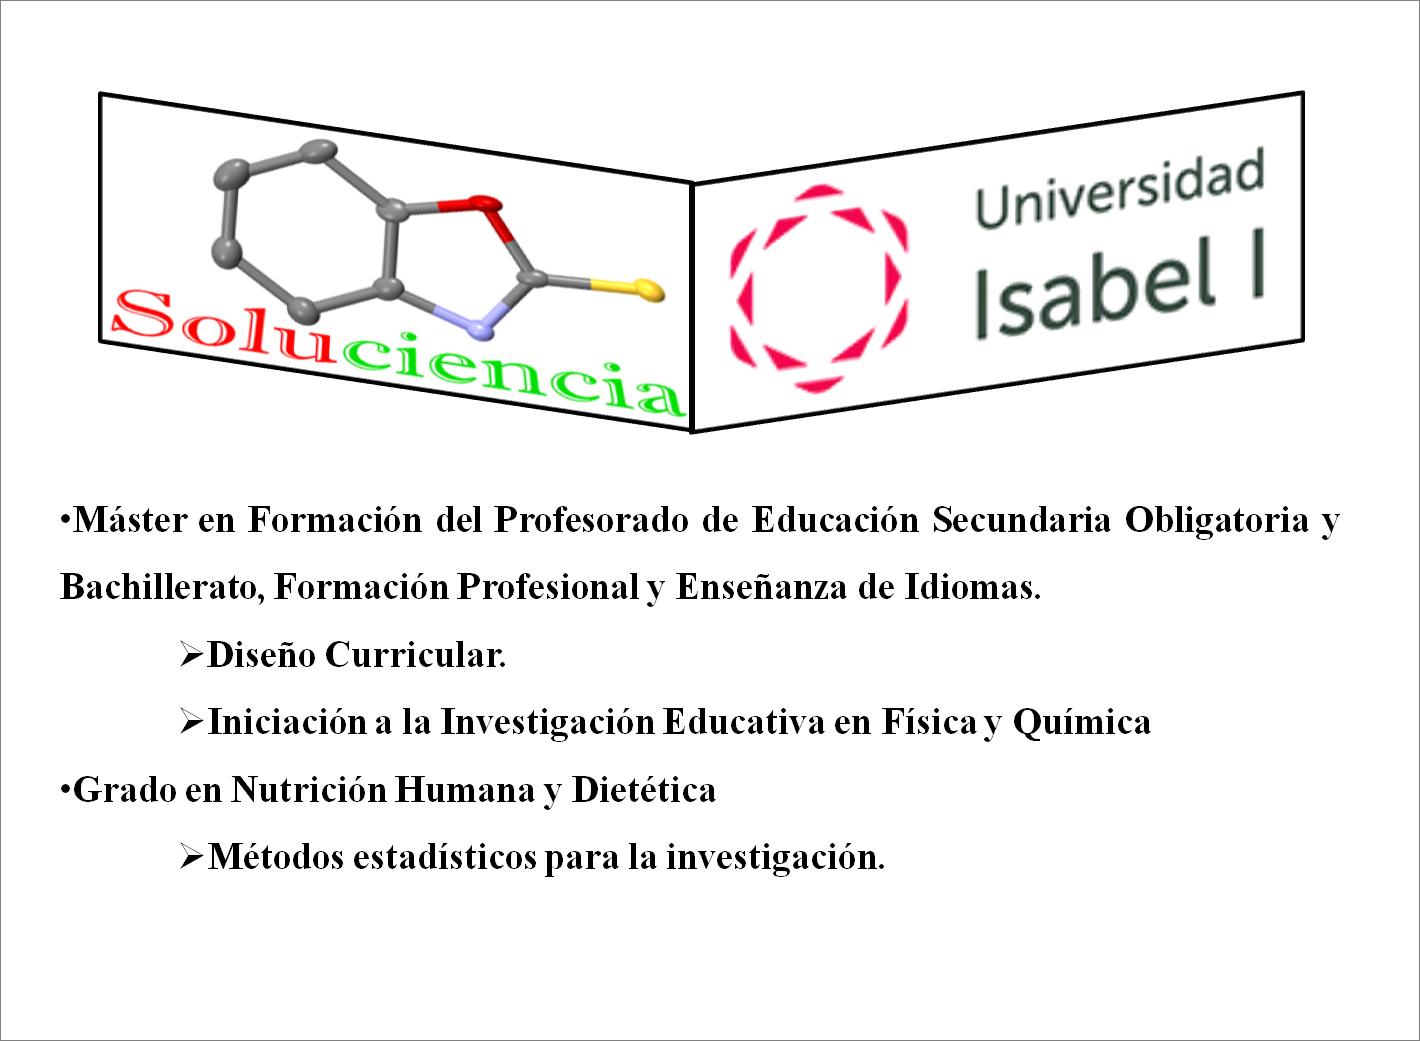 Formación: Soluciencia y Universidad Isabel I